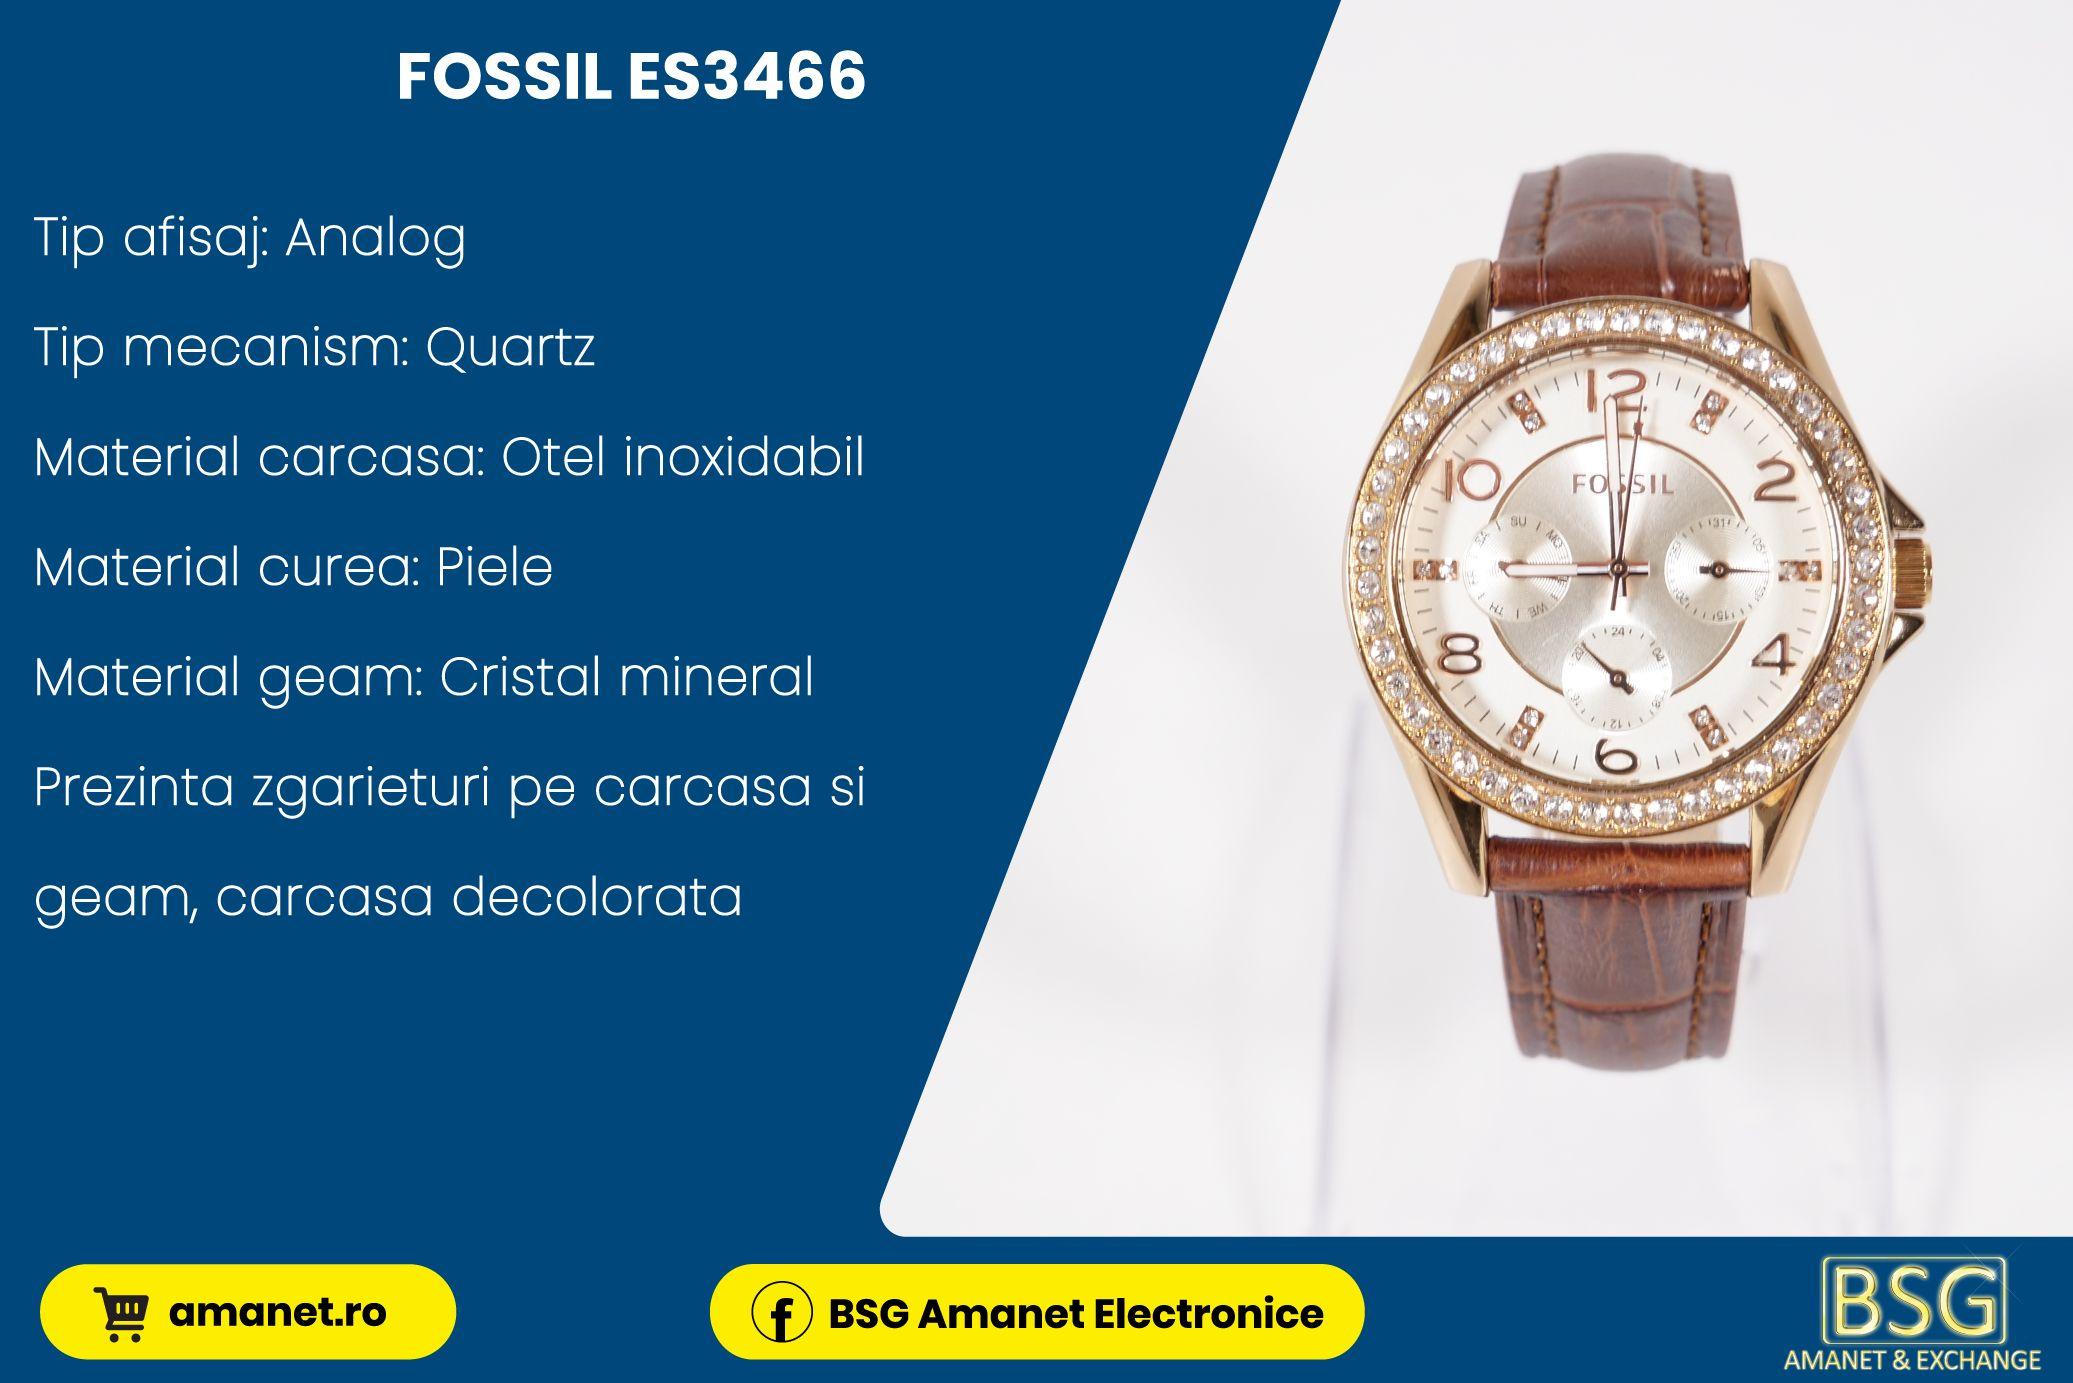 Ceas Fossil ES3466 - BSG Amanet & Exchange